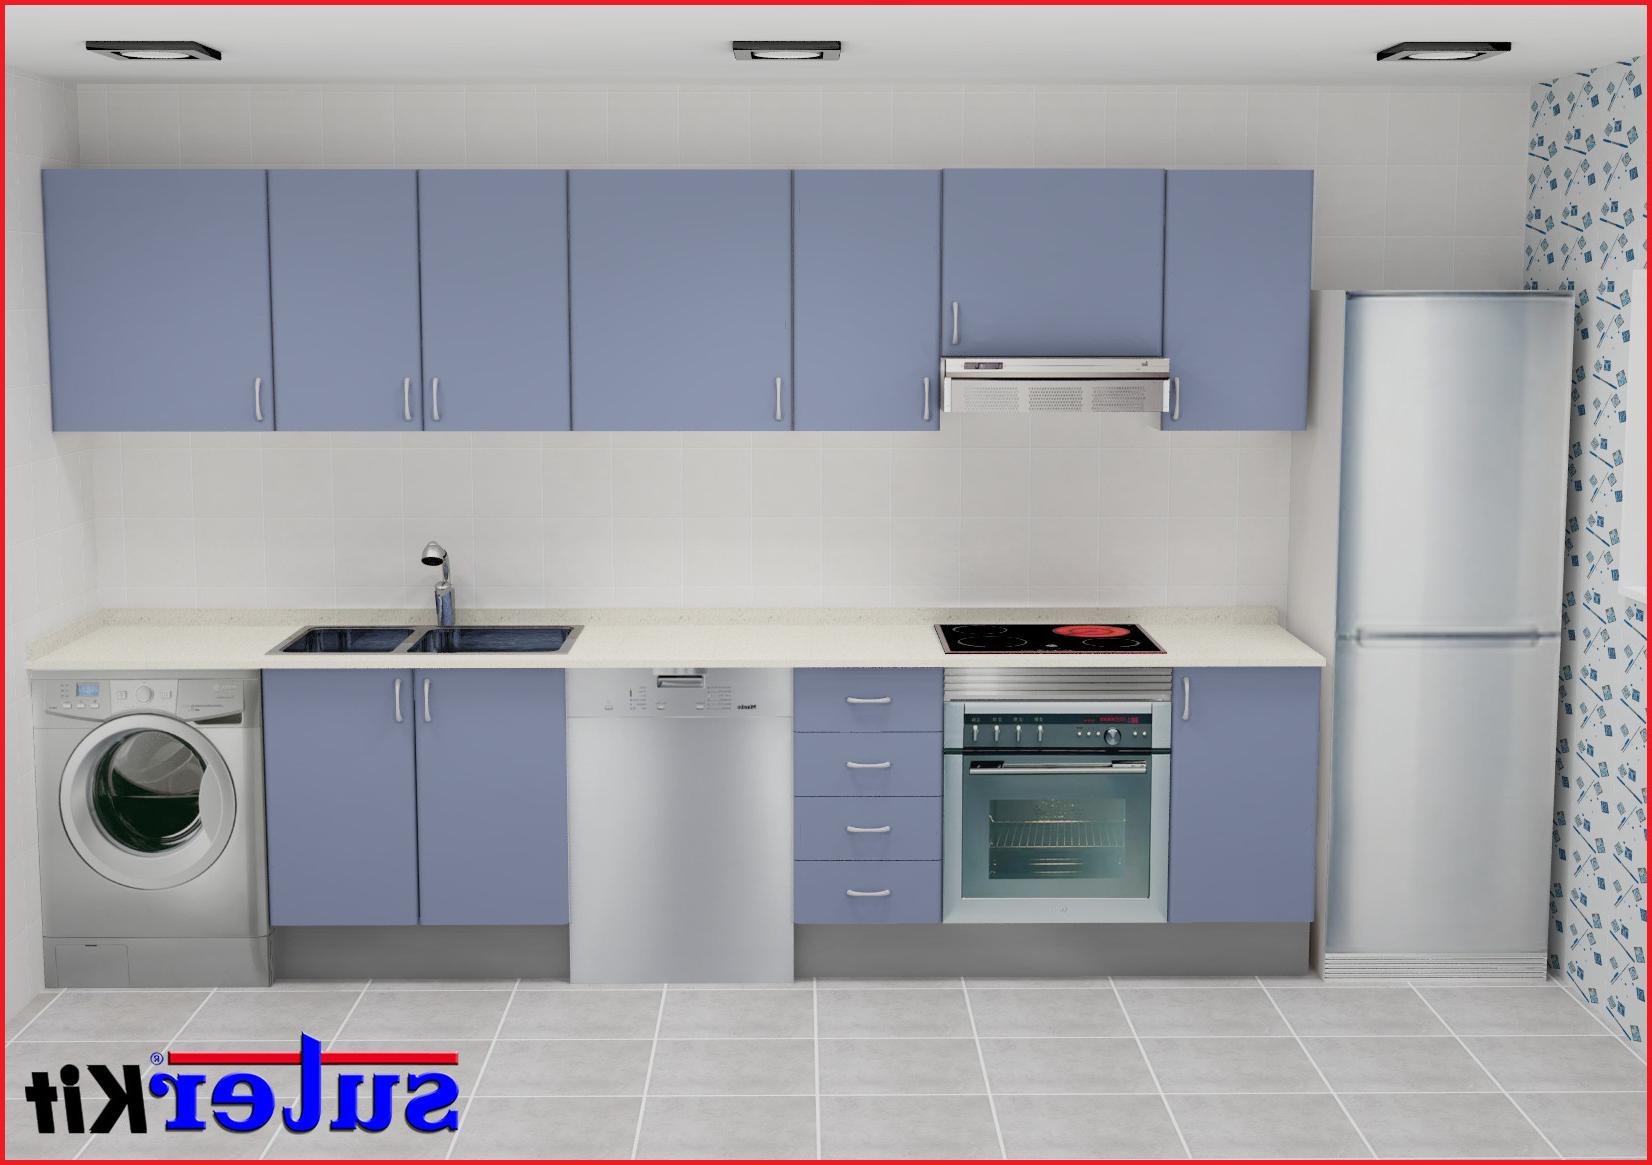 Muebles De Cocina Online Zwdg Muebles Cocina Online Muebles De Cocina Kit Line